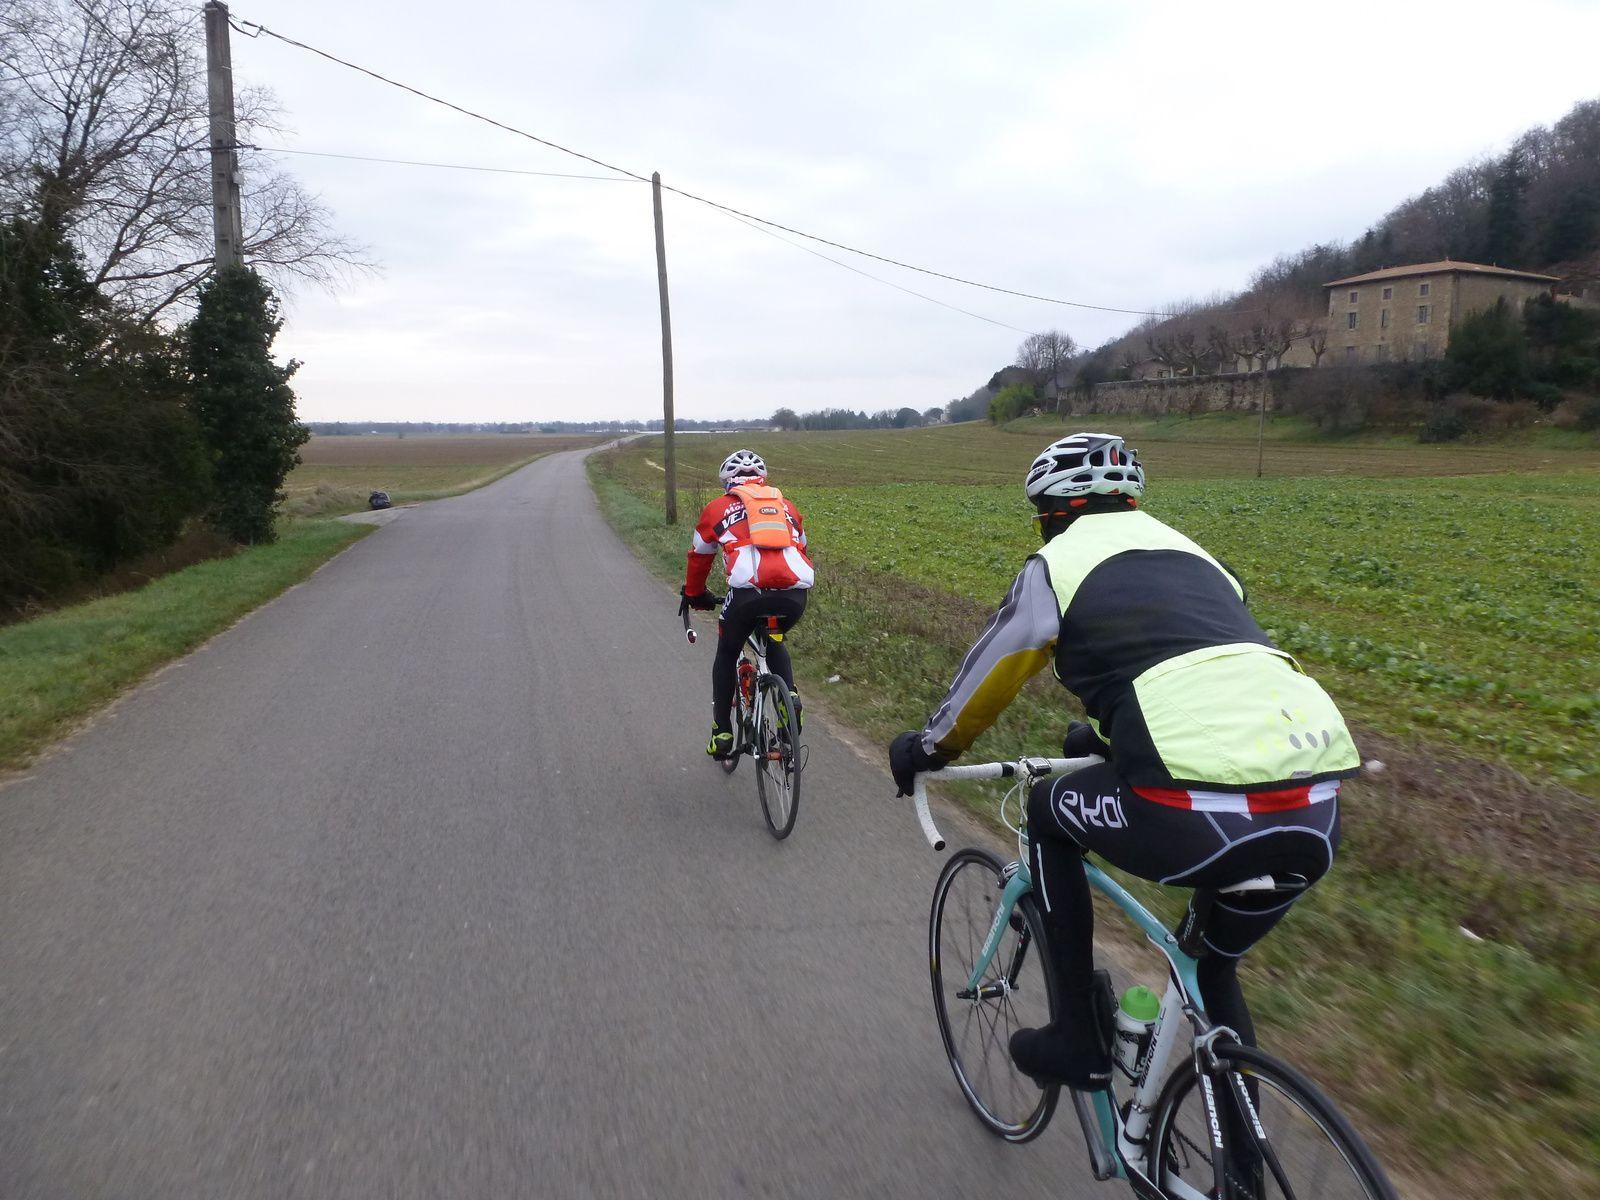 31 décembre 2014 - Les 10 000km à Saint Sylvestre